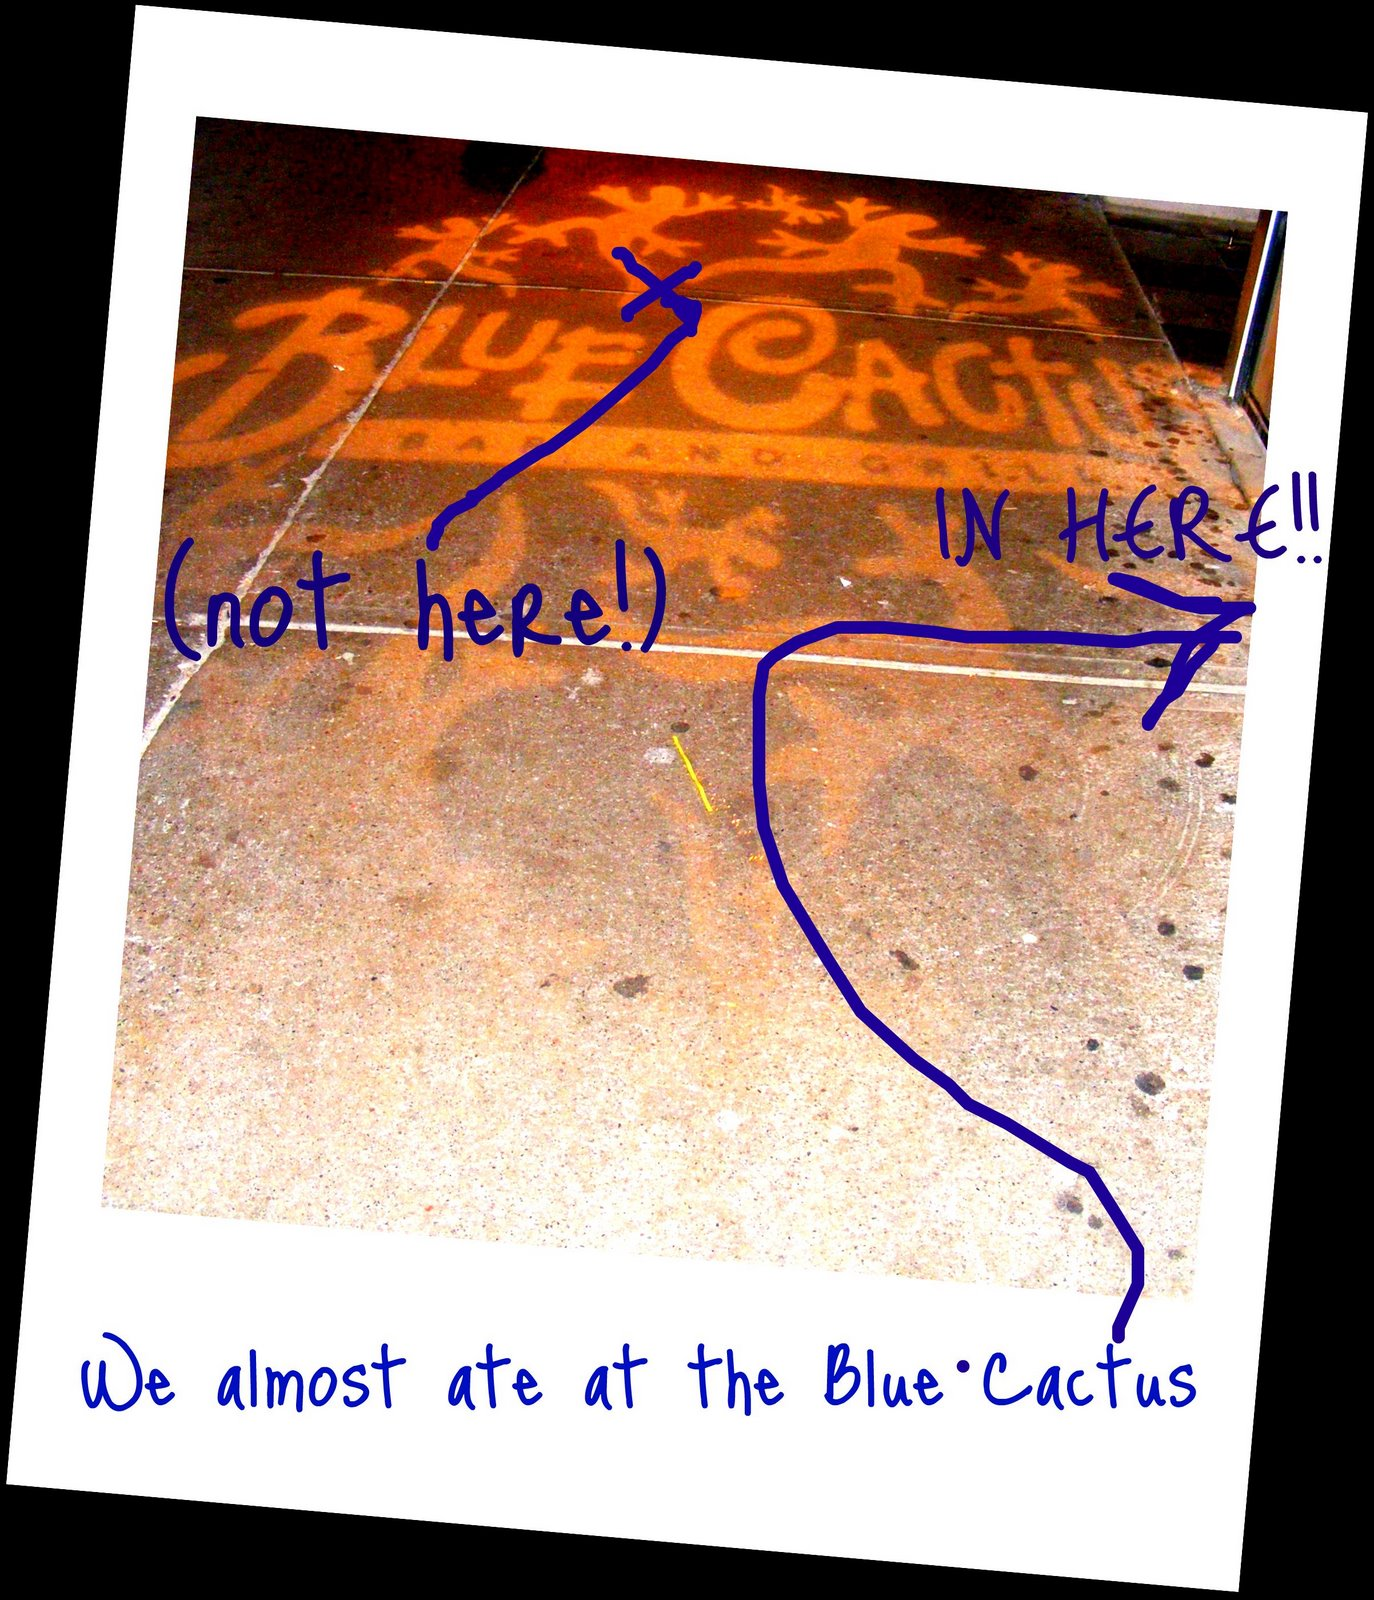 [Blue+Cactus.jpg]